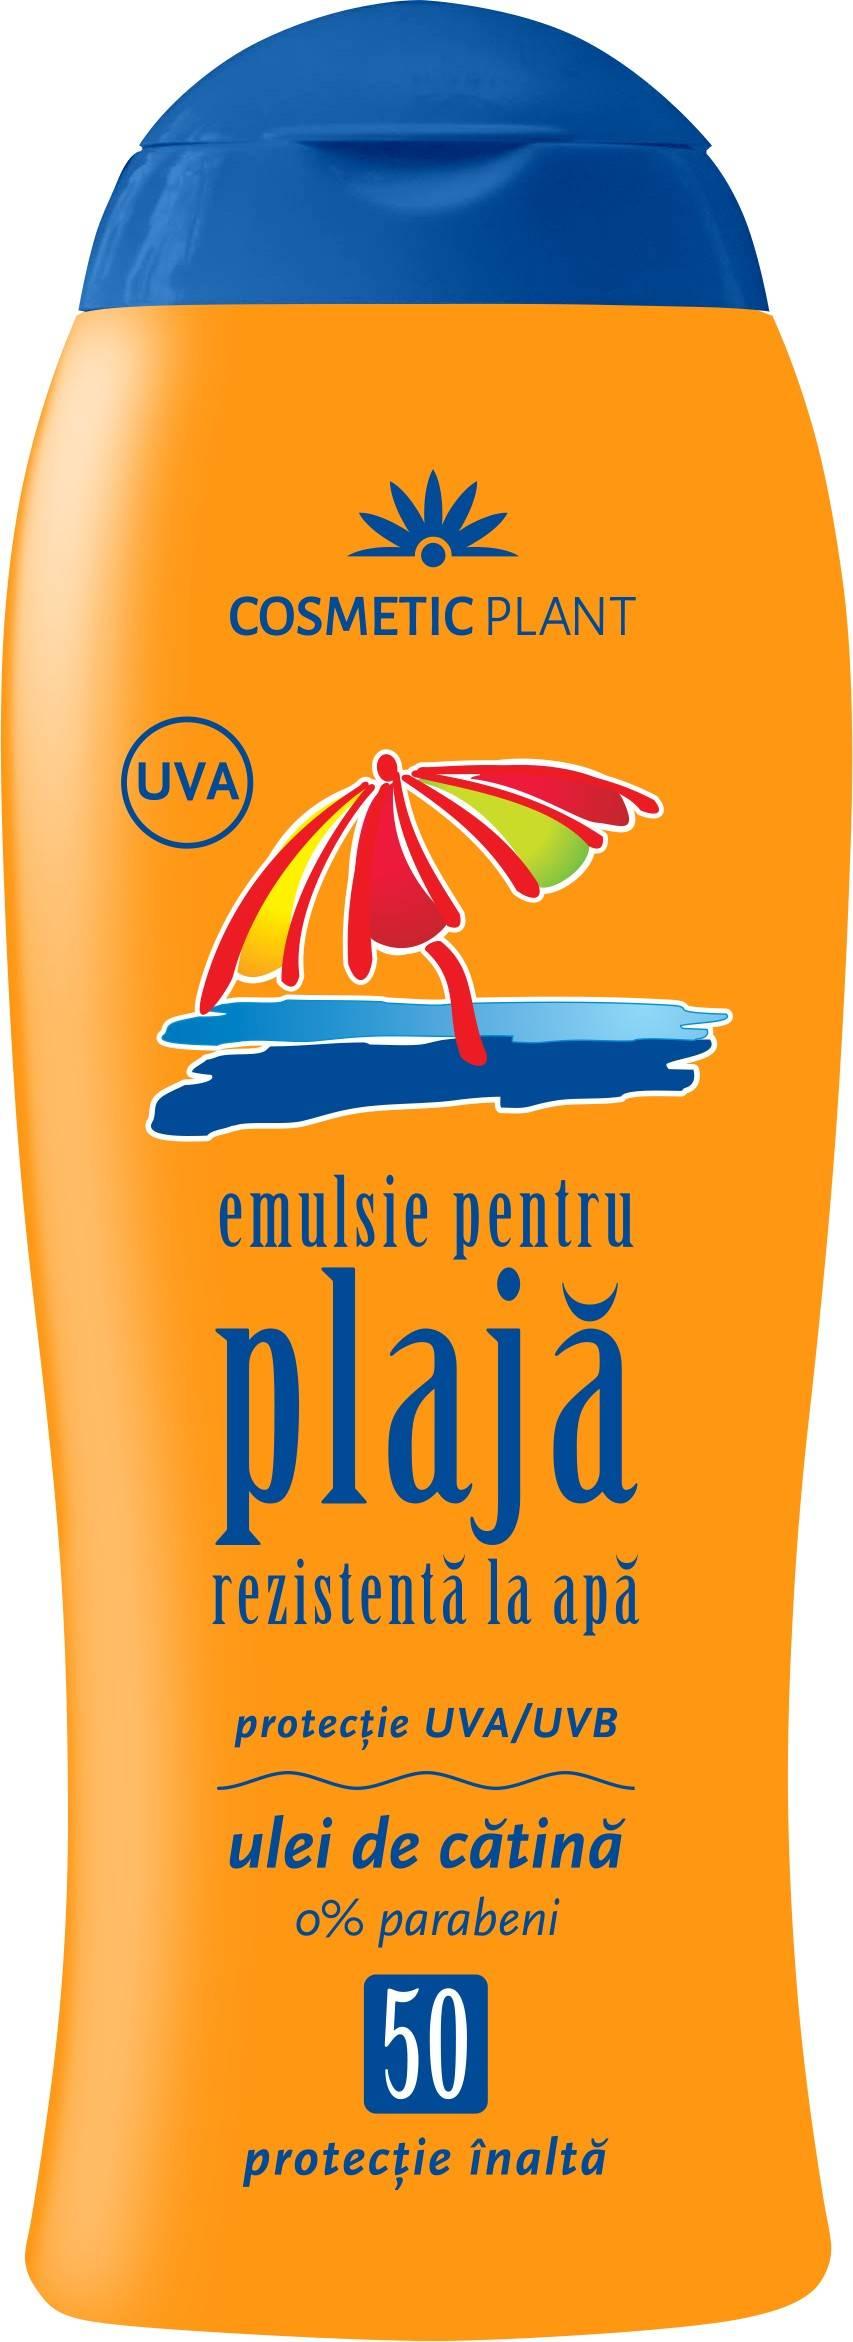 Emulsie pentru plaja rezistenta la apa SPF 50 cu ulei de catina 200 ml